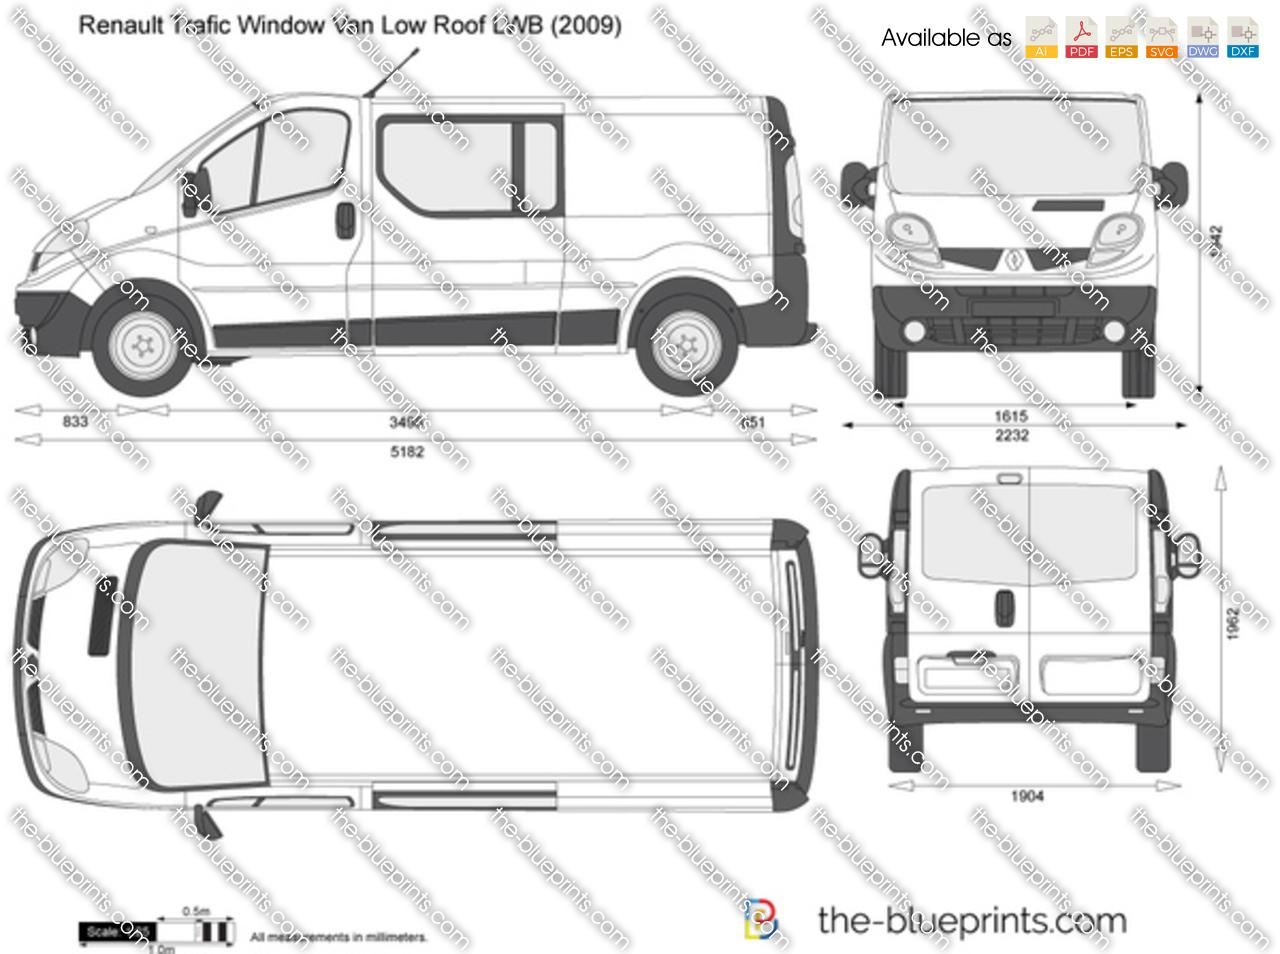 Renault Trafic Window Van Low Roof LWB 2013